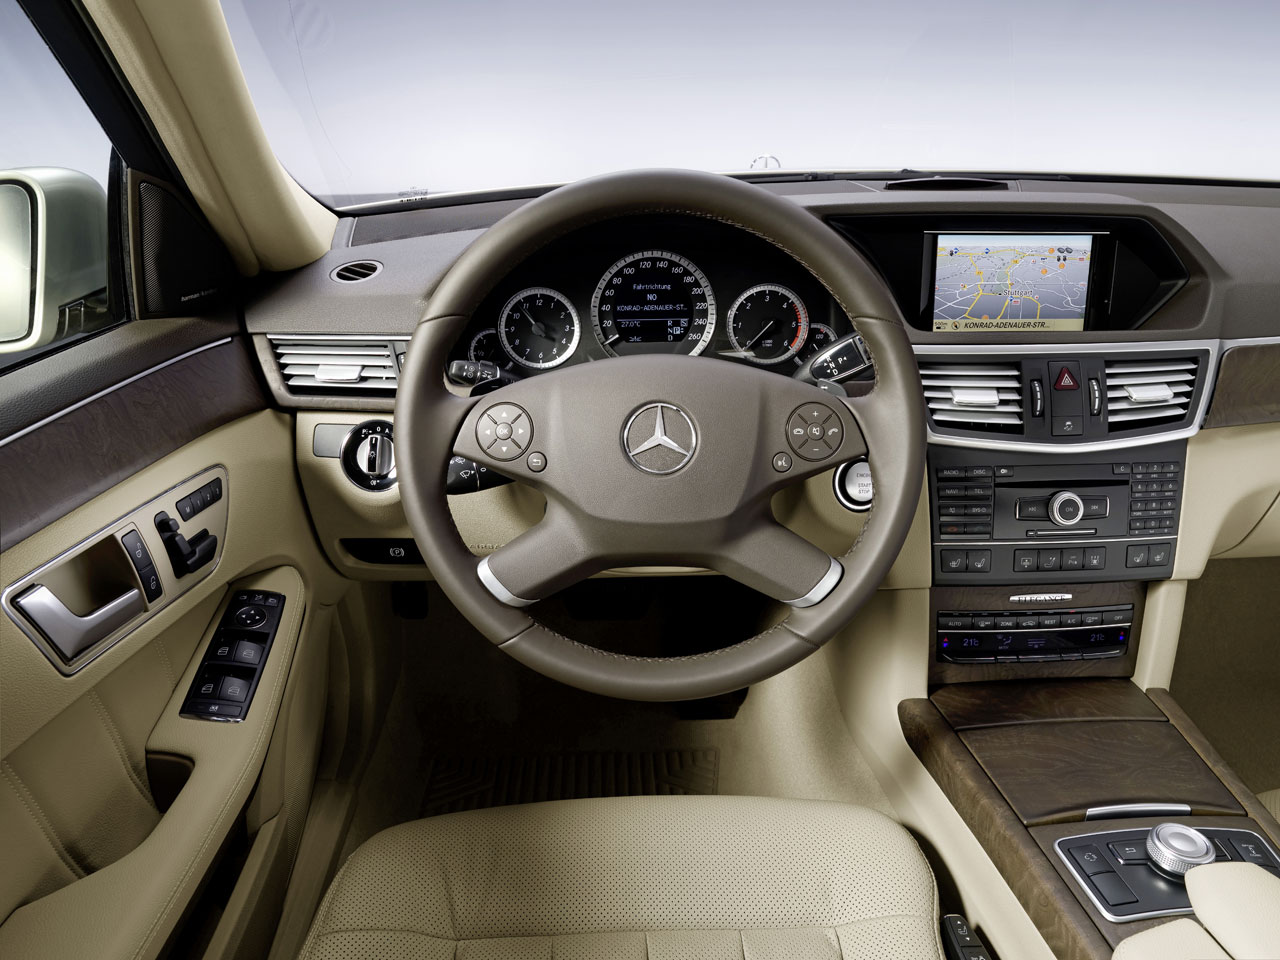 Mercedes benz new e class interior car body design for Mercedes benz e class interior